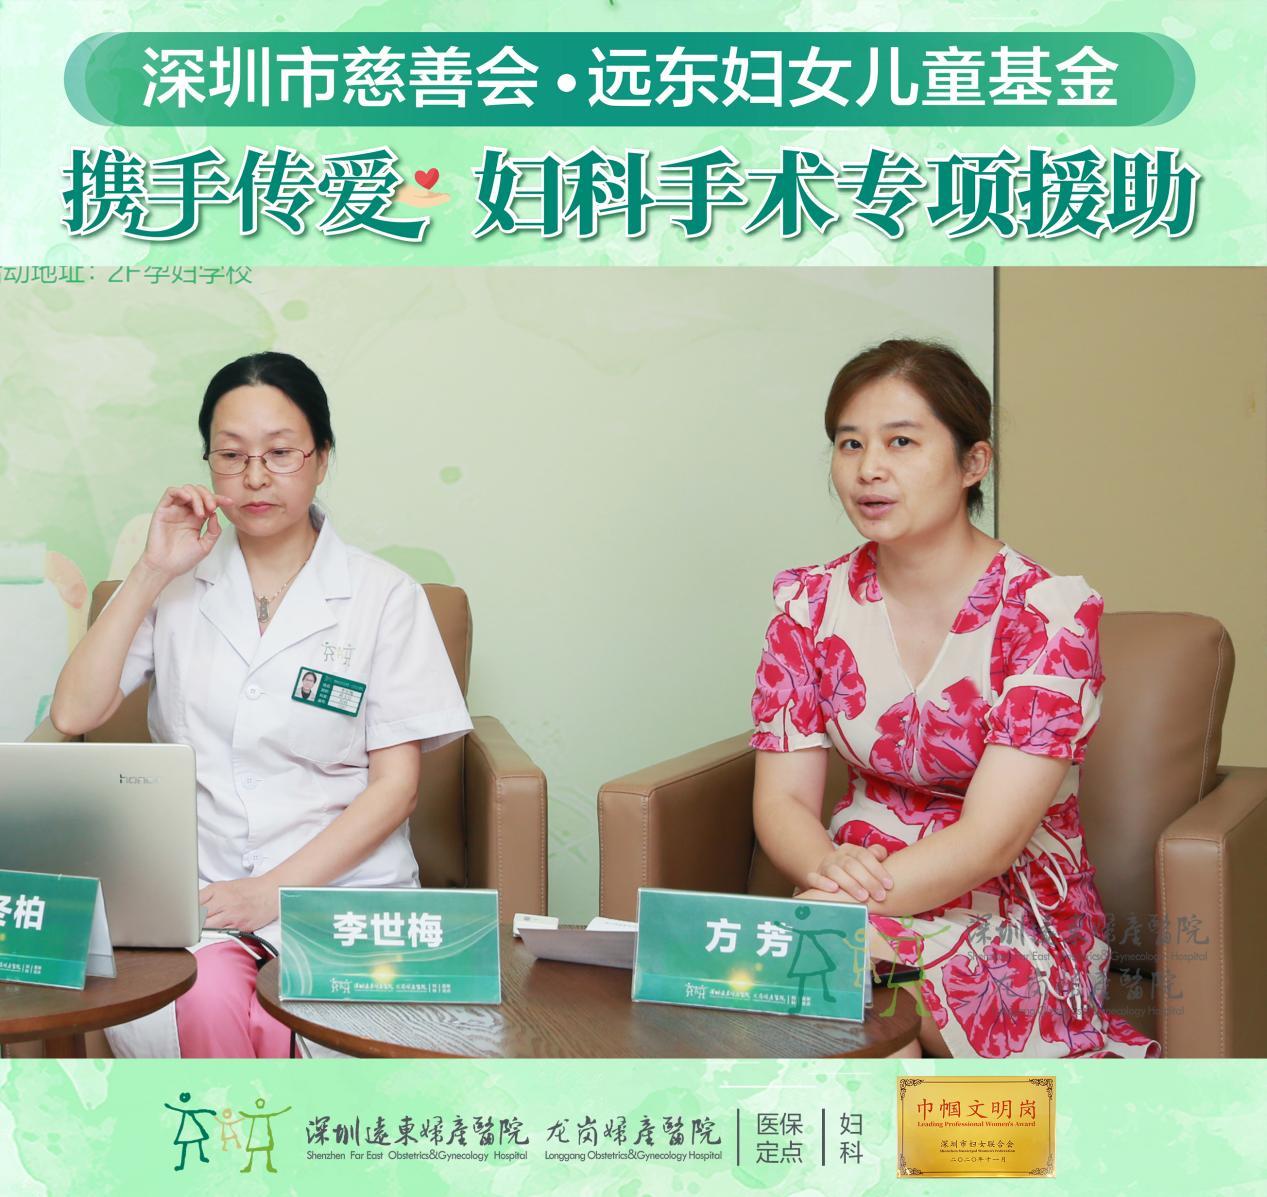 """深圳市慈善会·远东妇女儿童基金""""携手传爱·妇科手术专项援助""""公益启动"""